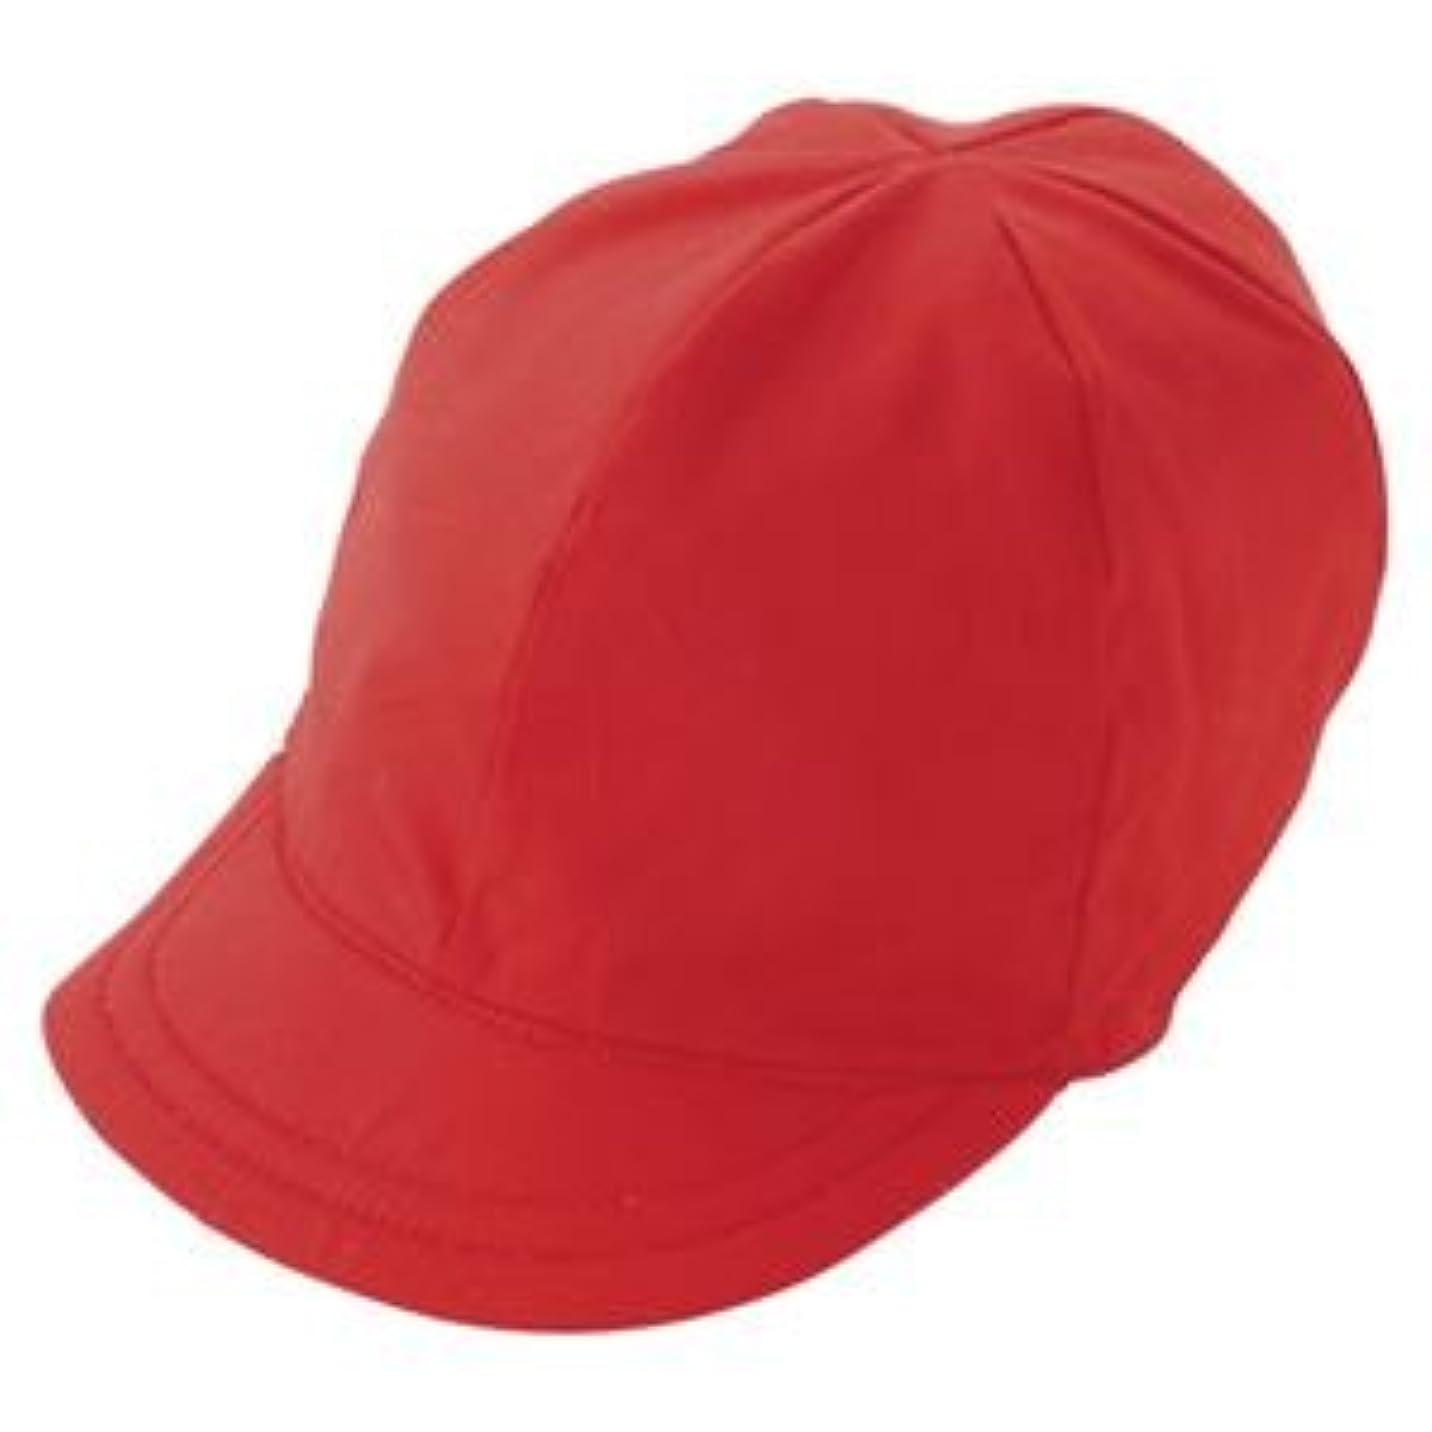 誤って中央値風味(業務用セット) 三和商会 つば付紅白帽子 日清紡綿ブロード S-12 中 1個入 【×5セット】